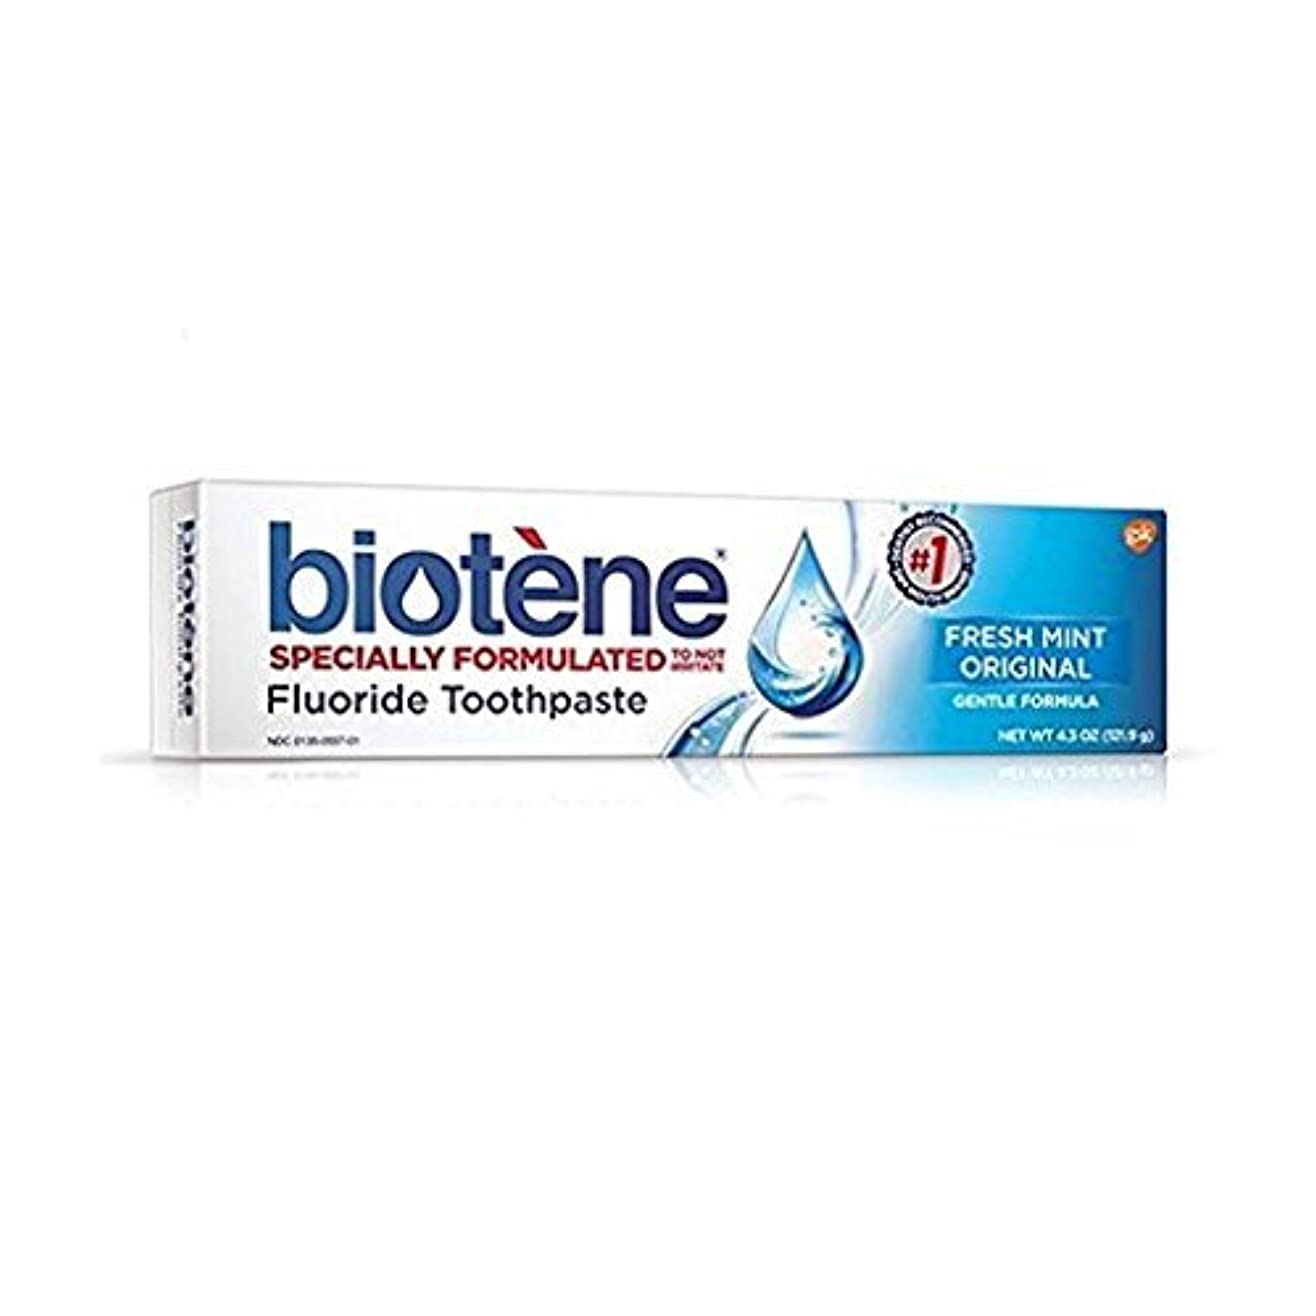 パスタ収束食事Biotene Dry Mouth Fluoride Toothpaste Fresh Mint Original 4.3 Oz. (2 Pack) by Biotene